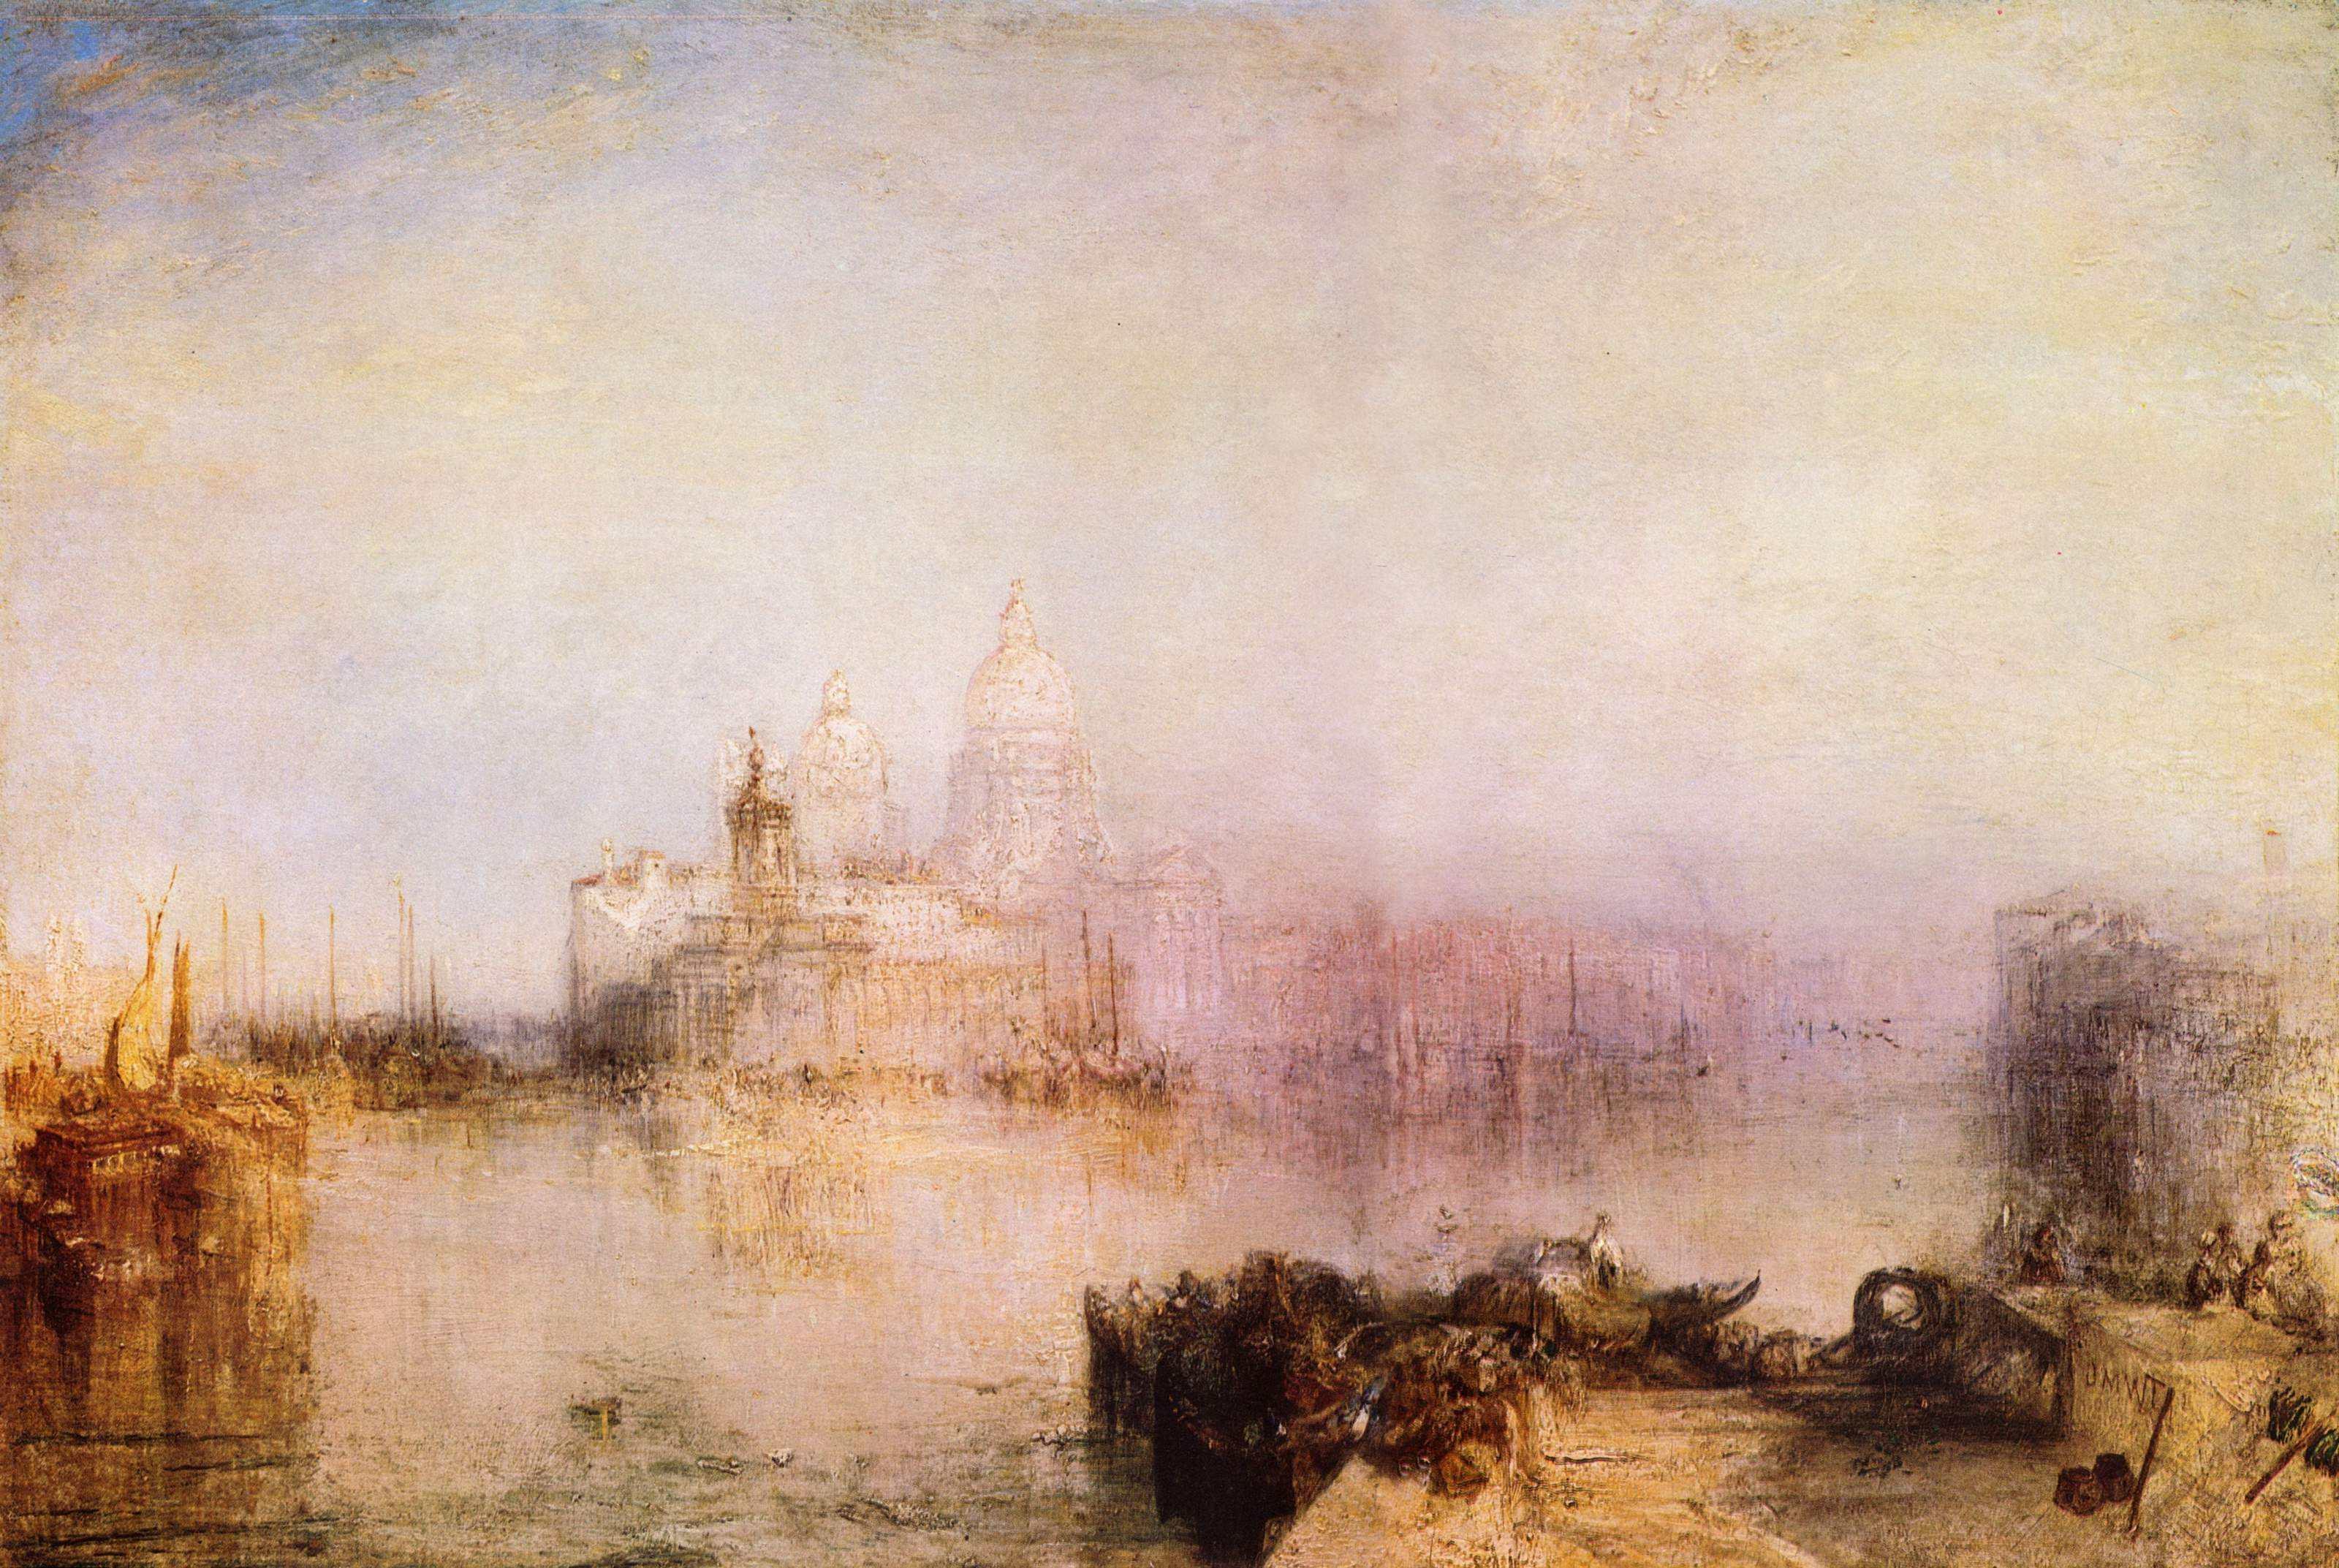 картина Догана и Санта Мария делла Салюте в Венеции :: Уильям Тёрнер - William Turner фото